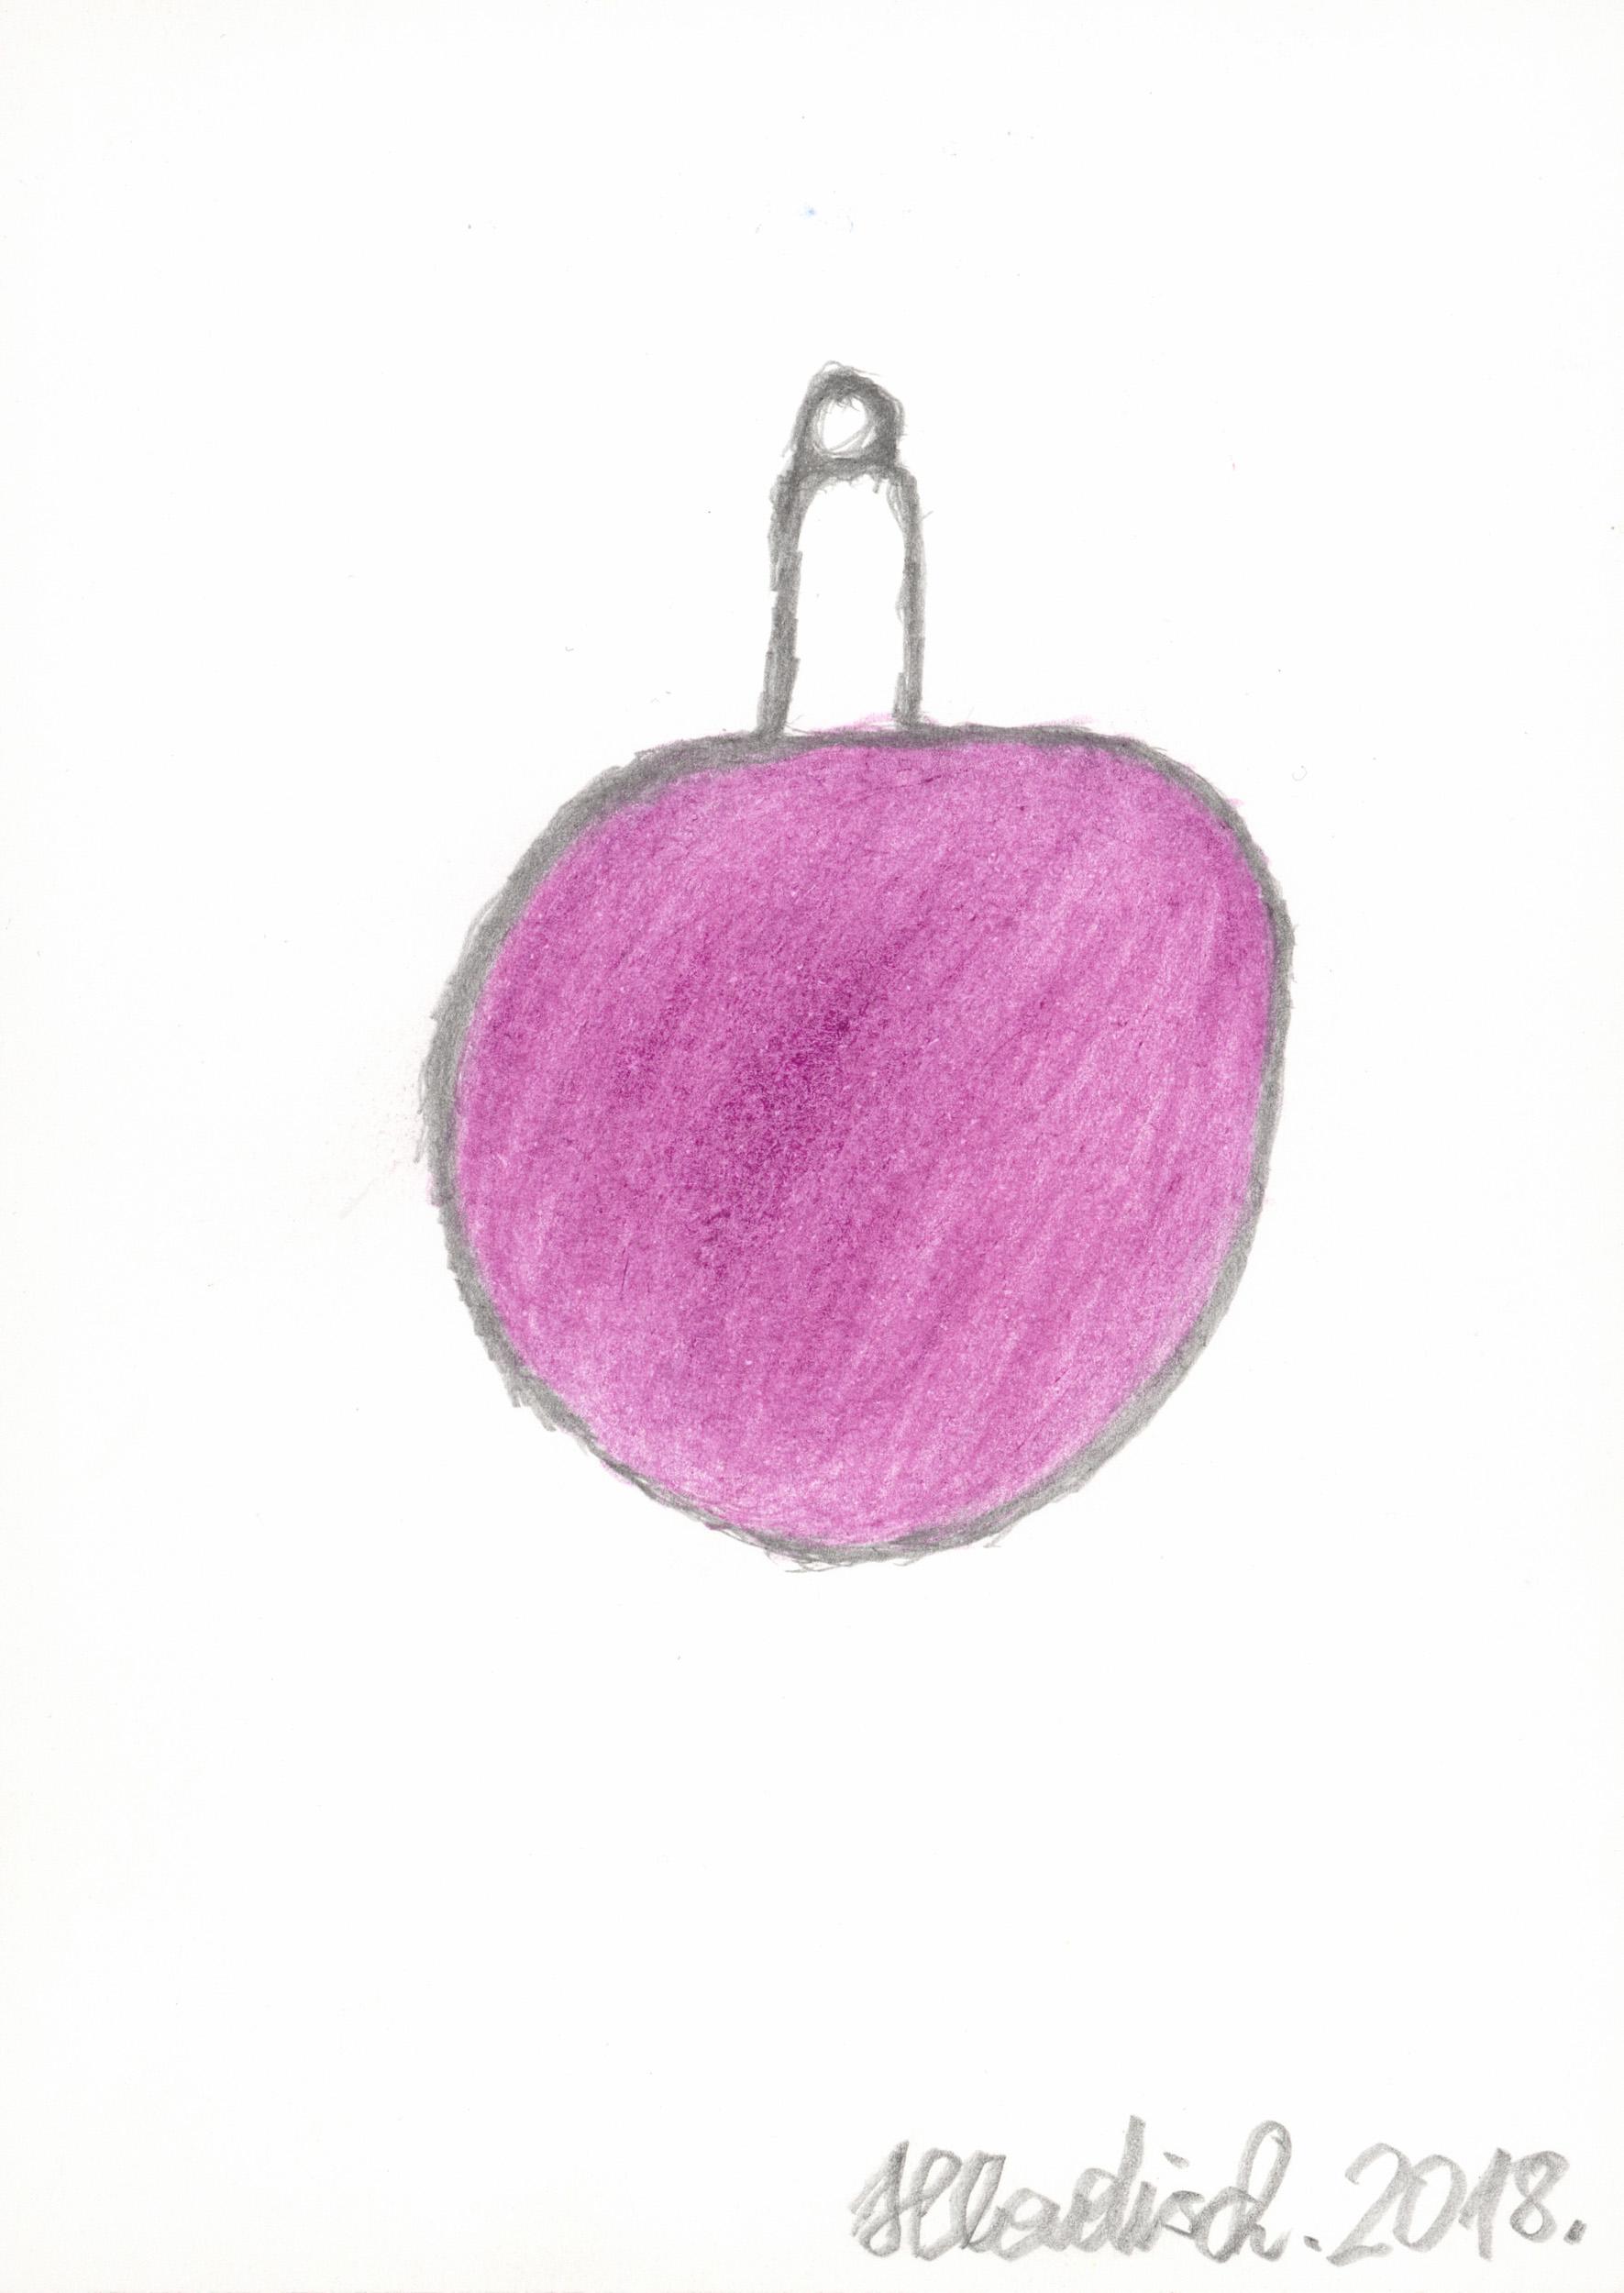 hladisch helmut - christbaumkugel / bauble